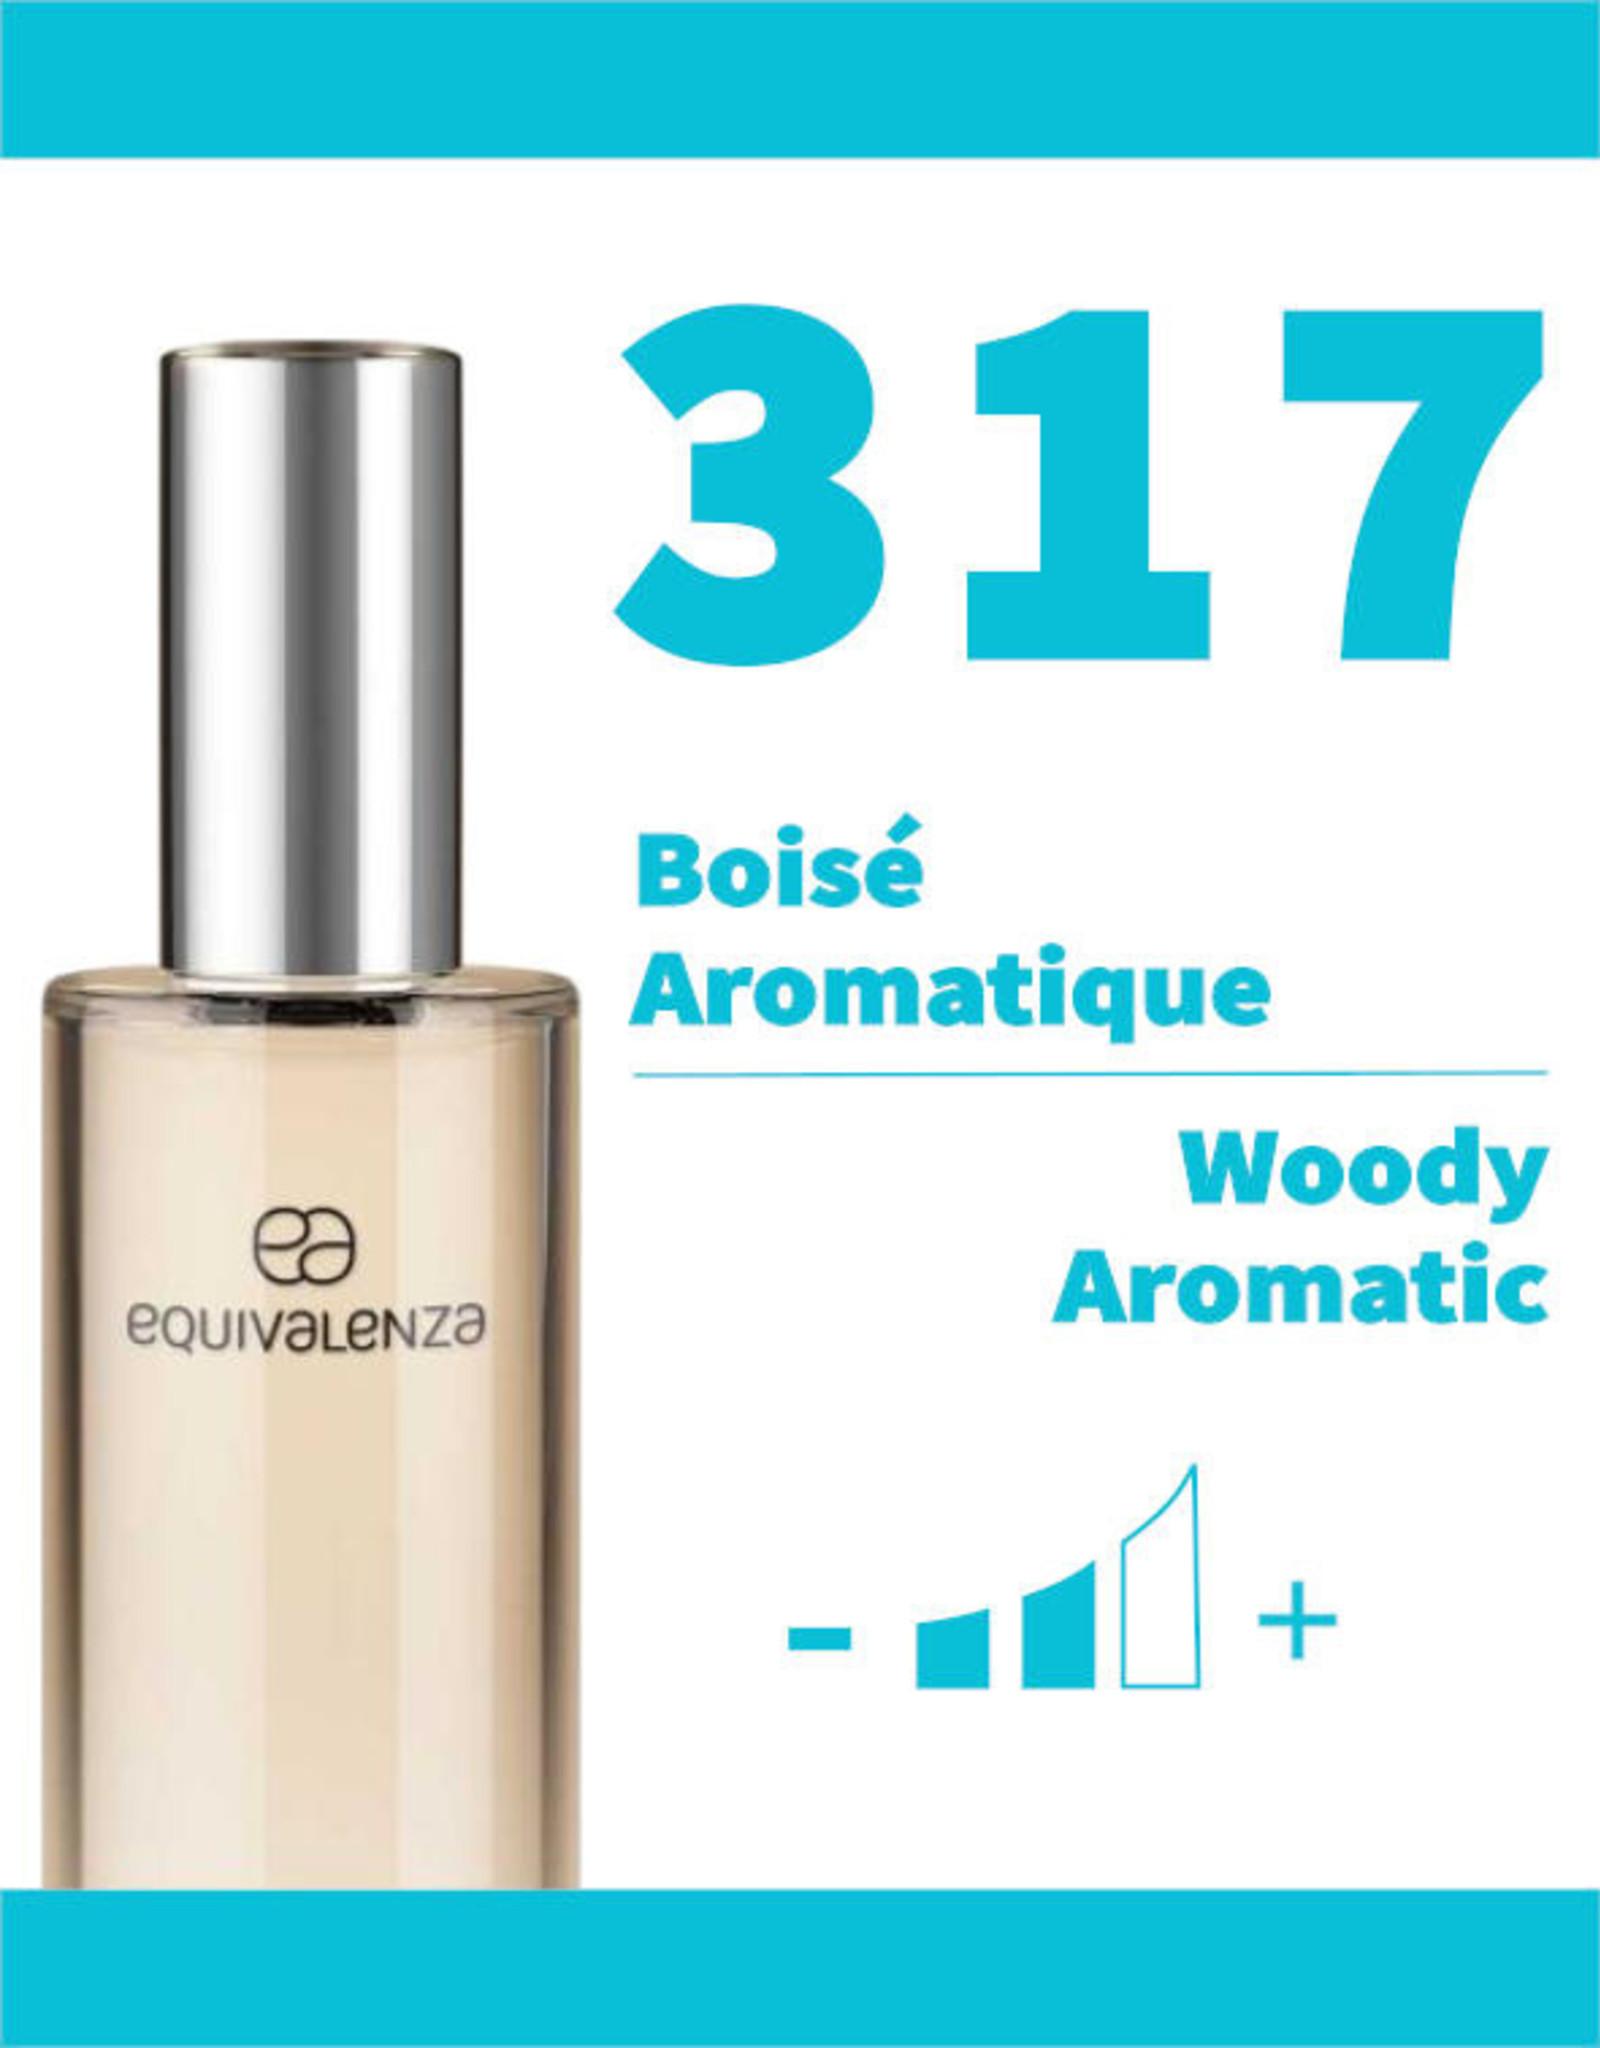 Equivalenza Eau de Parfum Boisé Aromatique 317